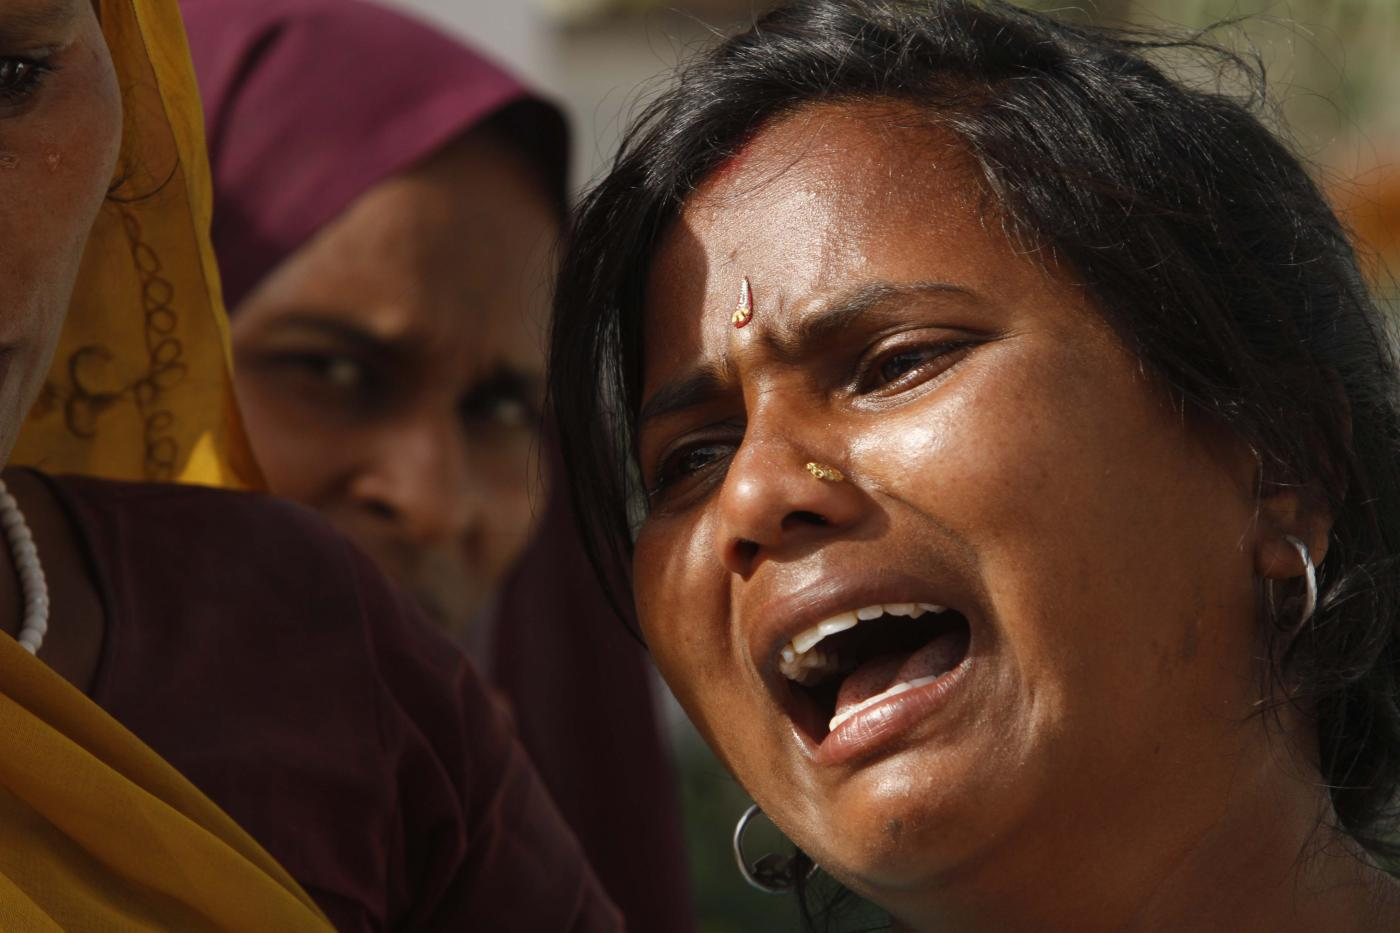 Violenza sulle donne in India: dagli stupri alle lapidazioni, i casi più eclatanti